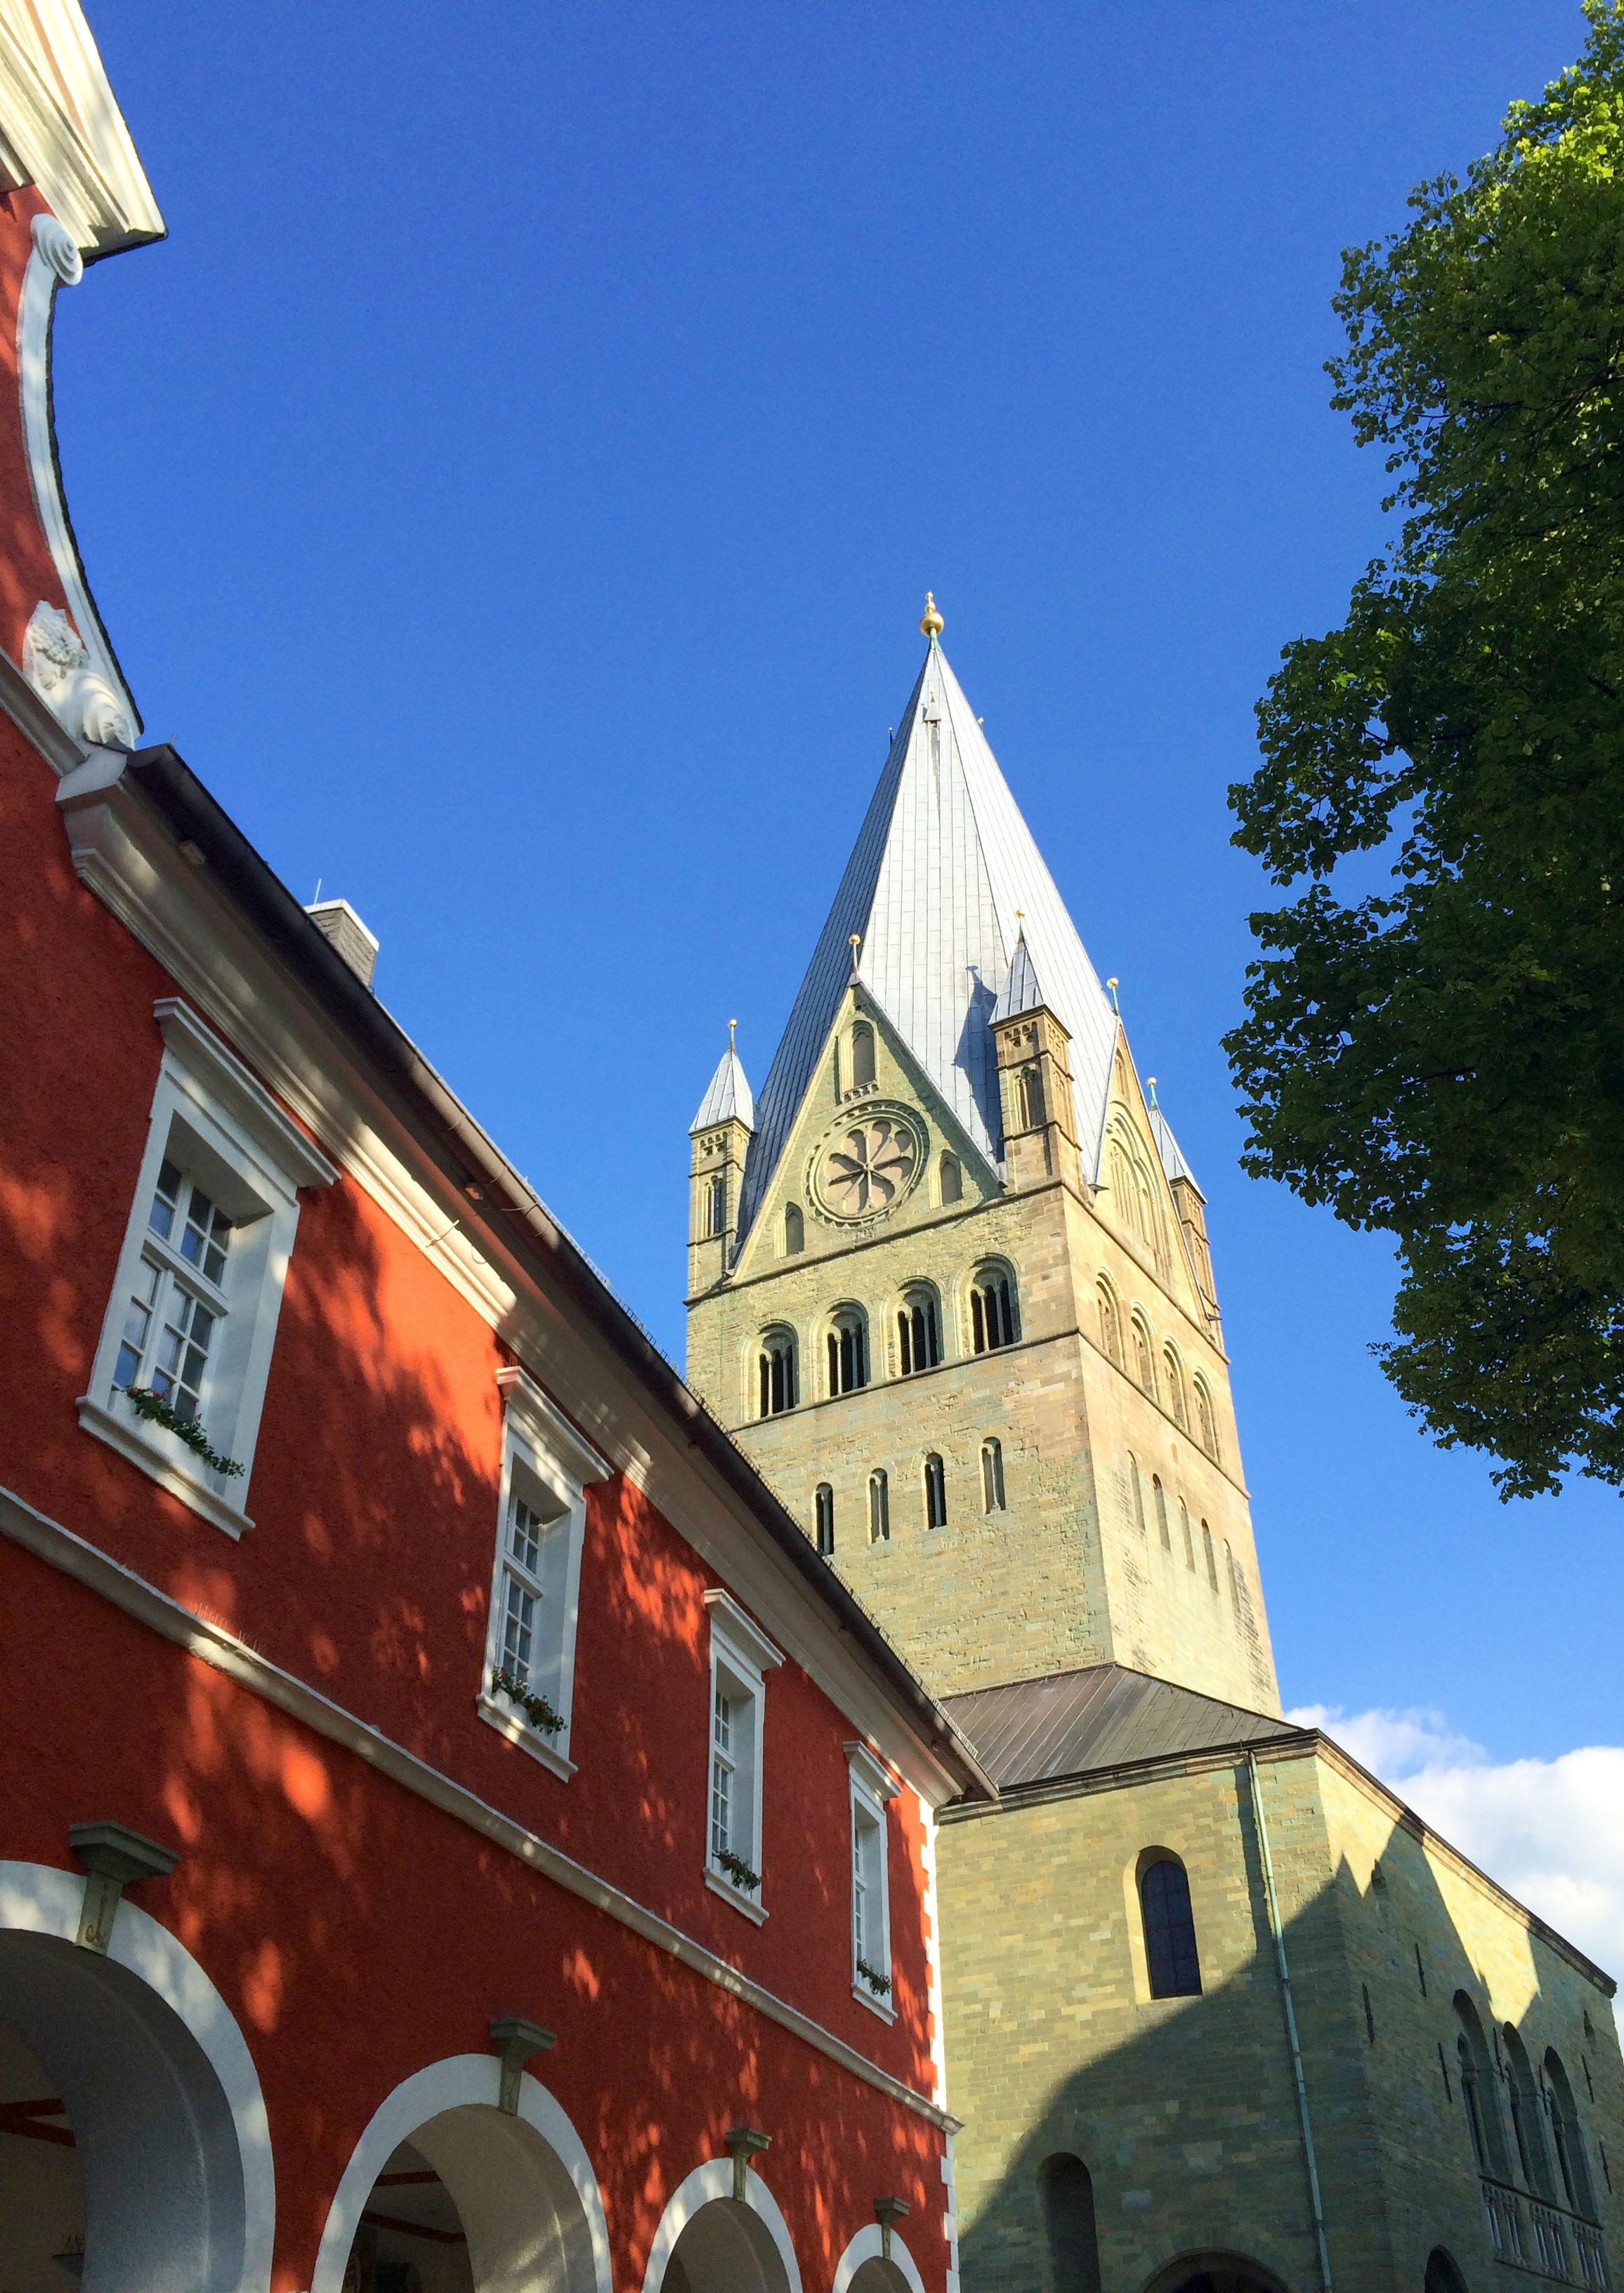 Altstadt von Soest mit Haus mit roter Fassade und Kirchturm im Hintergrund vor blauem Himmel